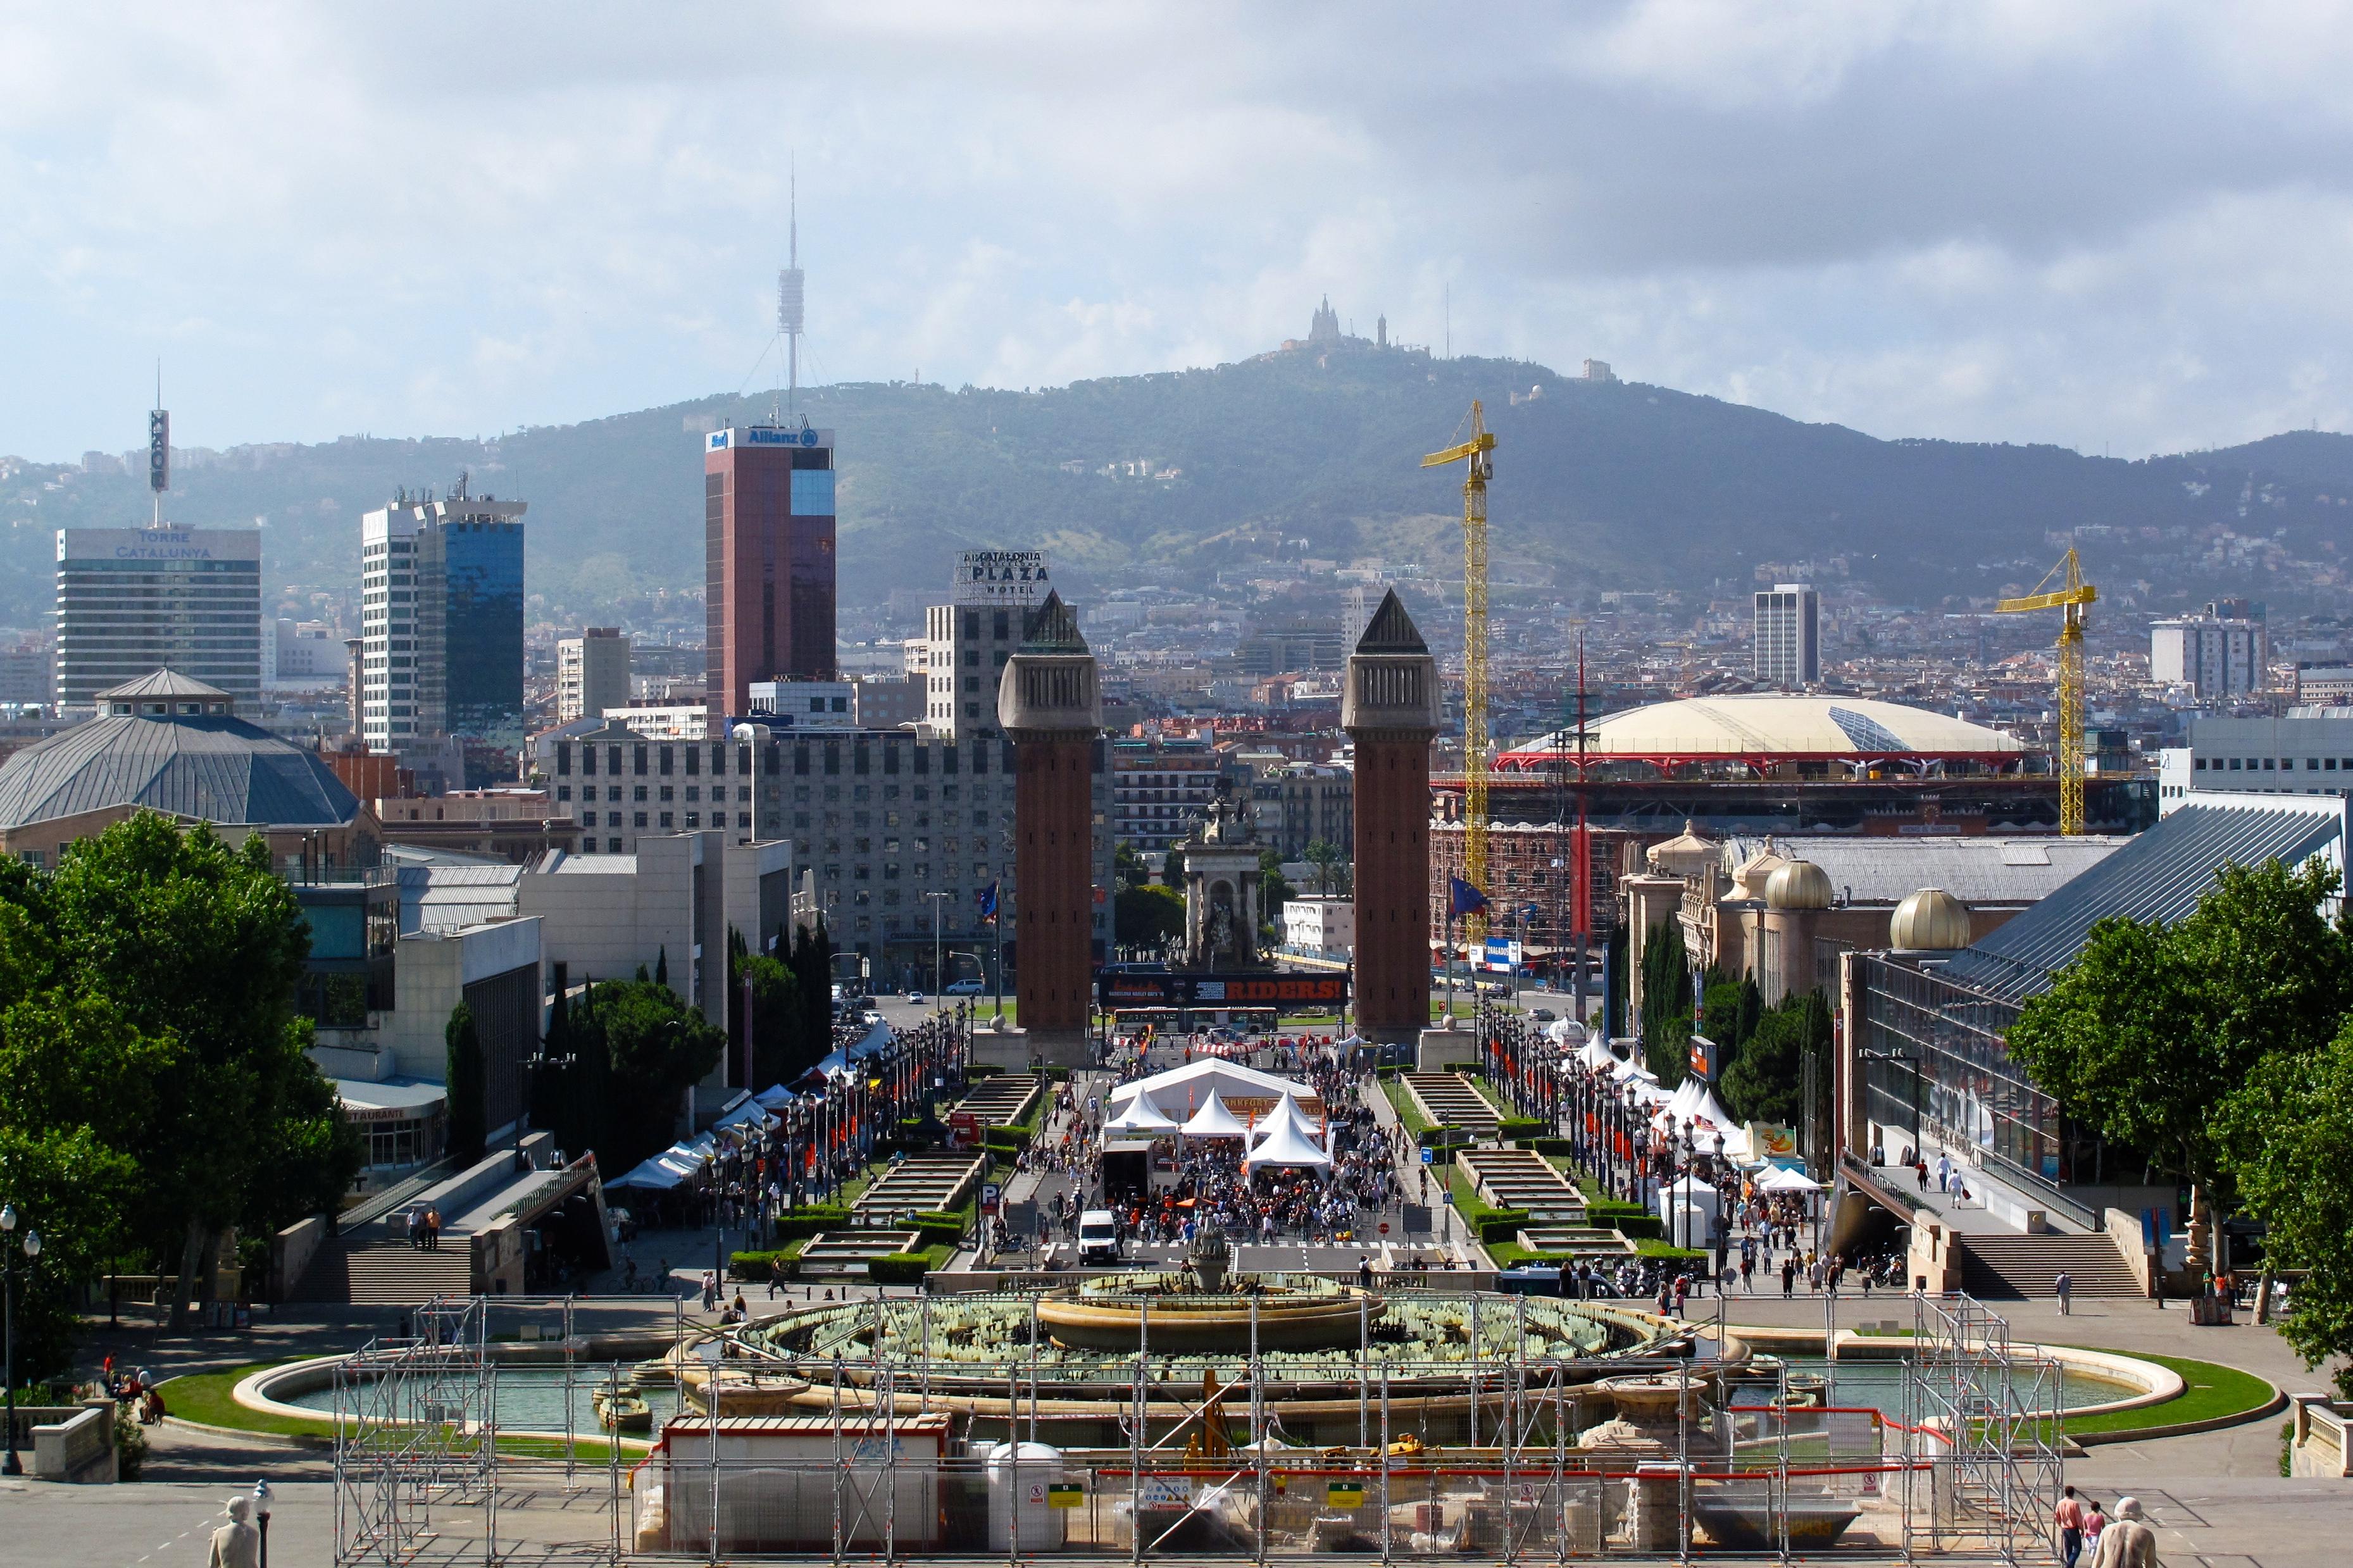 Sants-Montjuïc - Недвижимость в Сантс-Монжуик в Барселоне